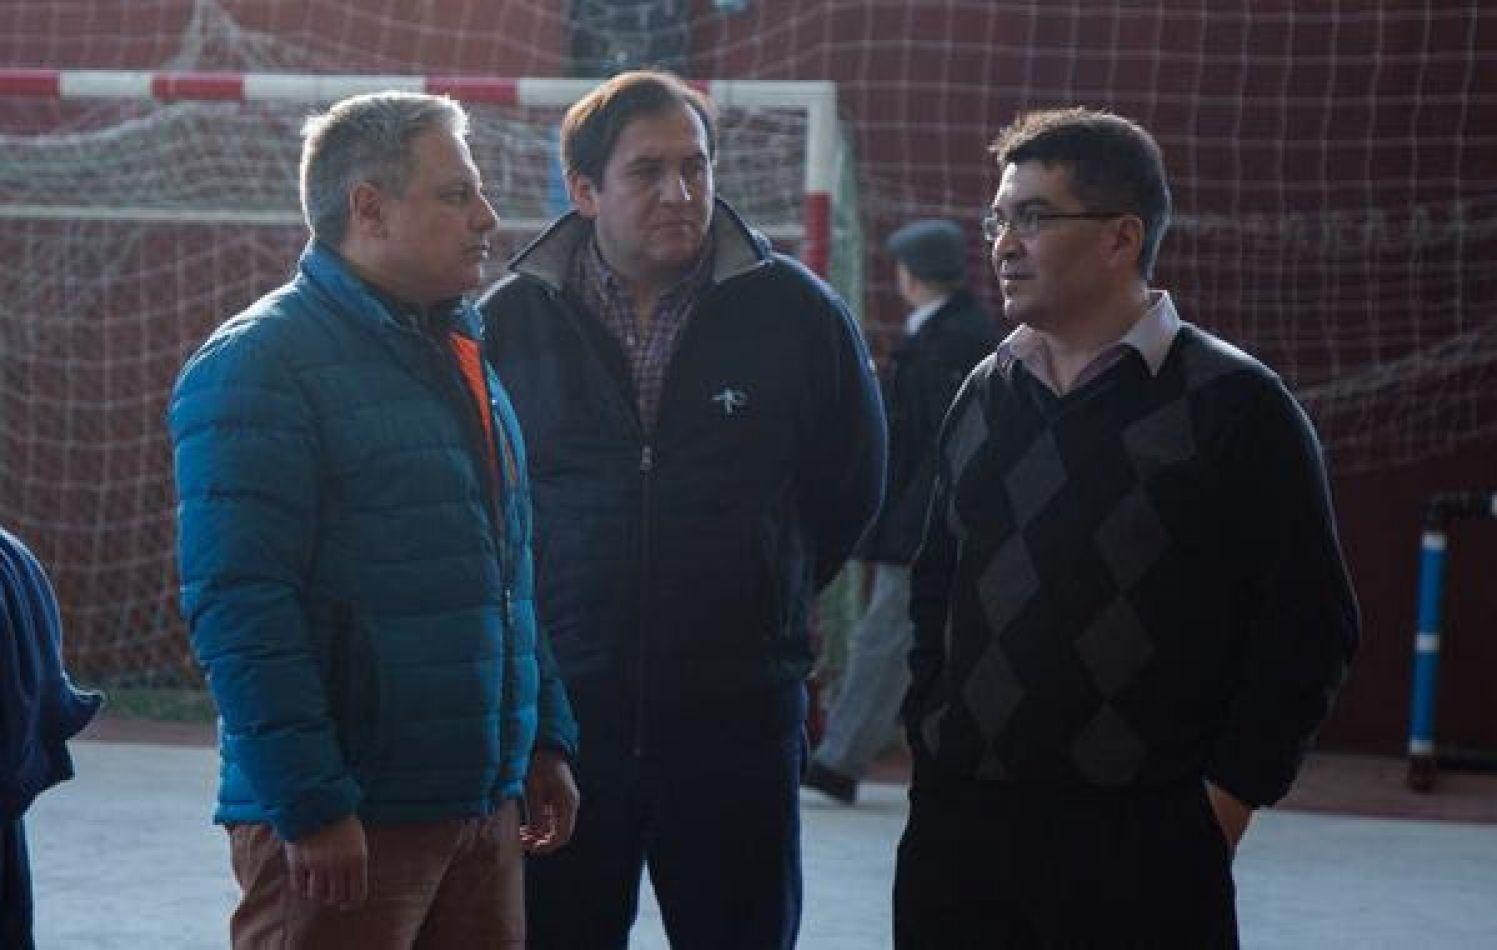 Reallizan inspecciones en establecimeintos educativos de Ushuaia